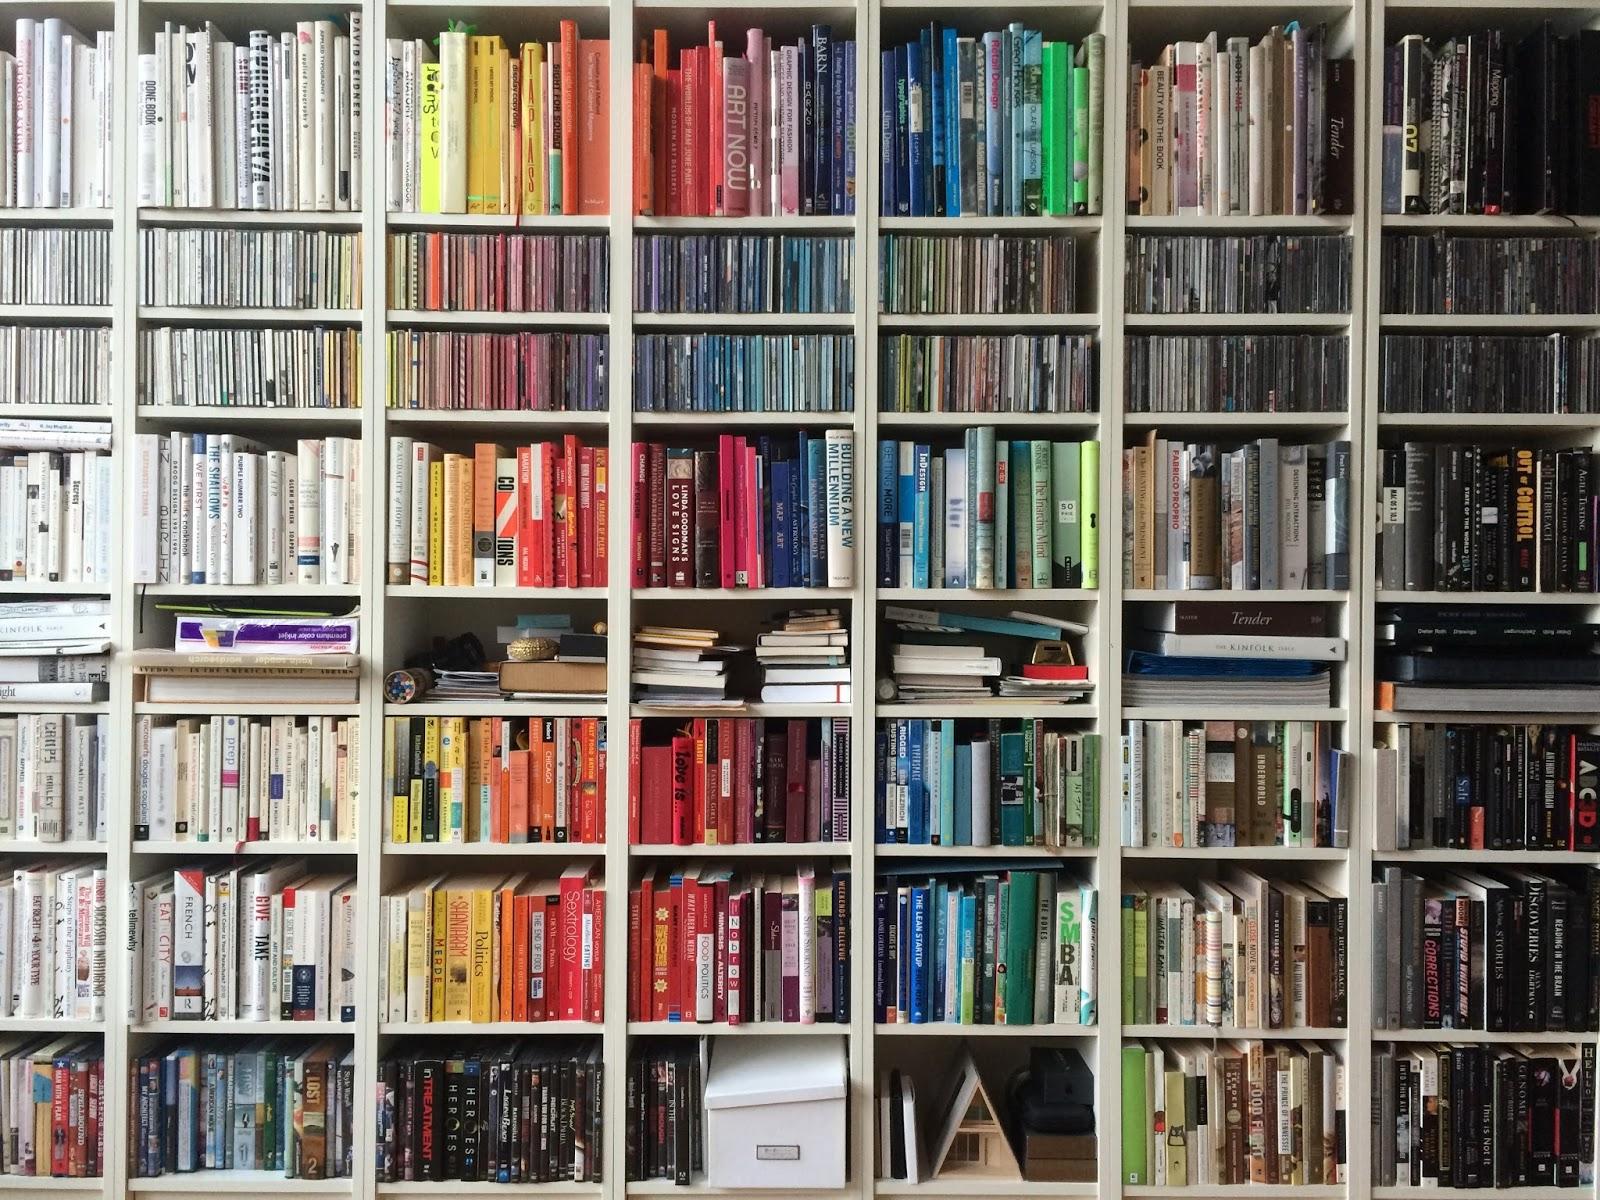 Libros y m s libros de colores en la estanter a - Estanterias de colores ...